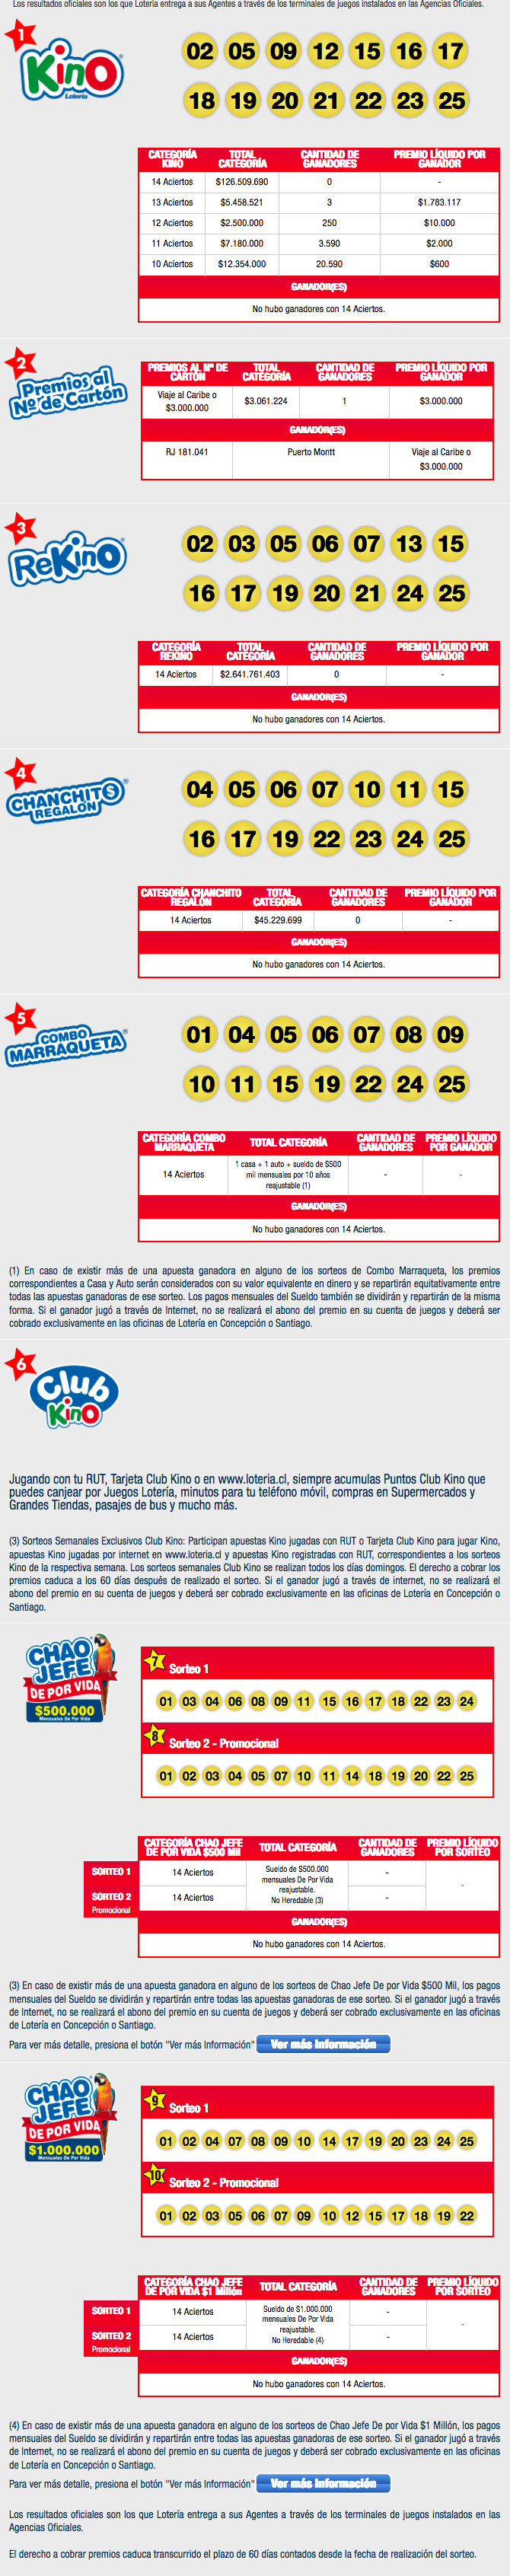 Resultados Kino Chile Sorteo 2012